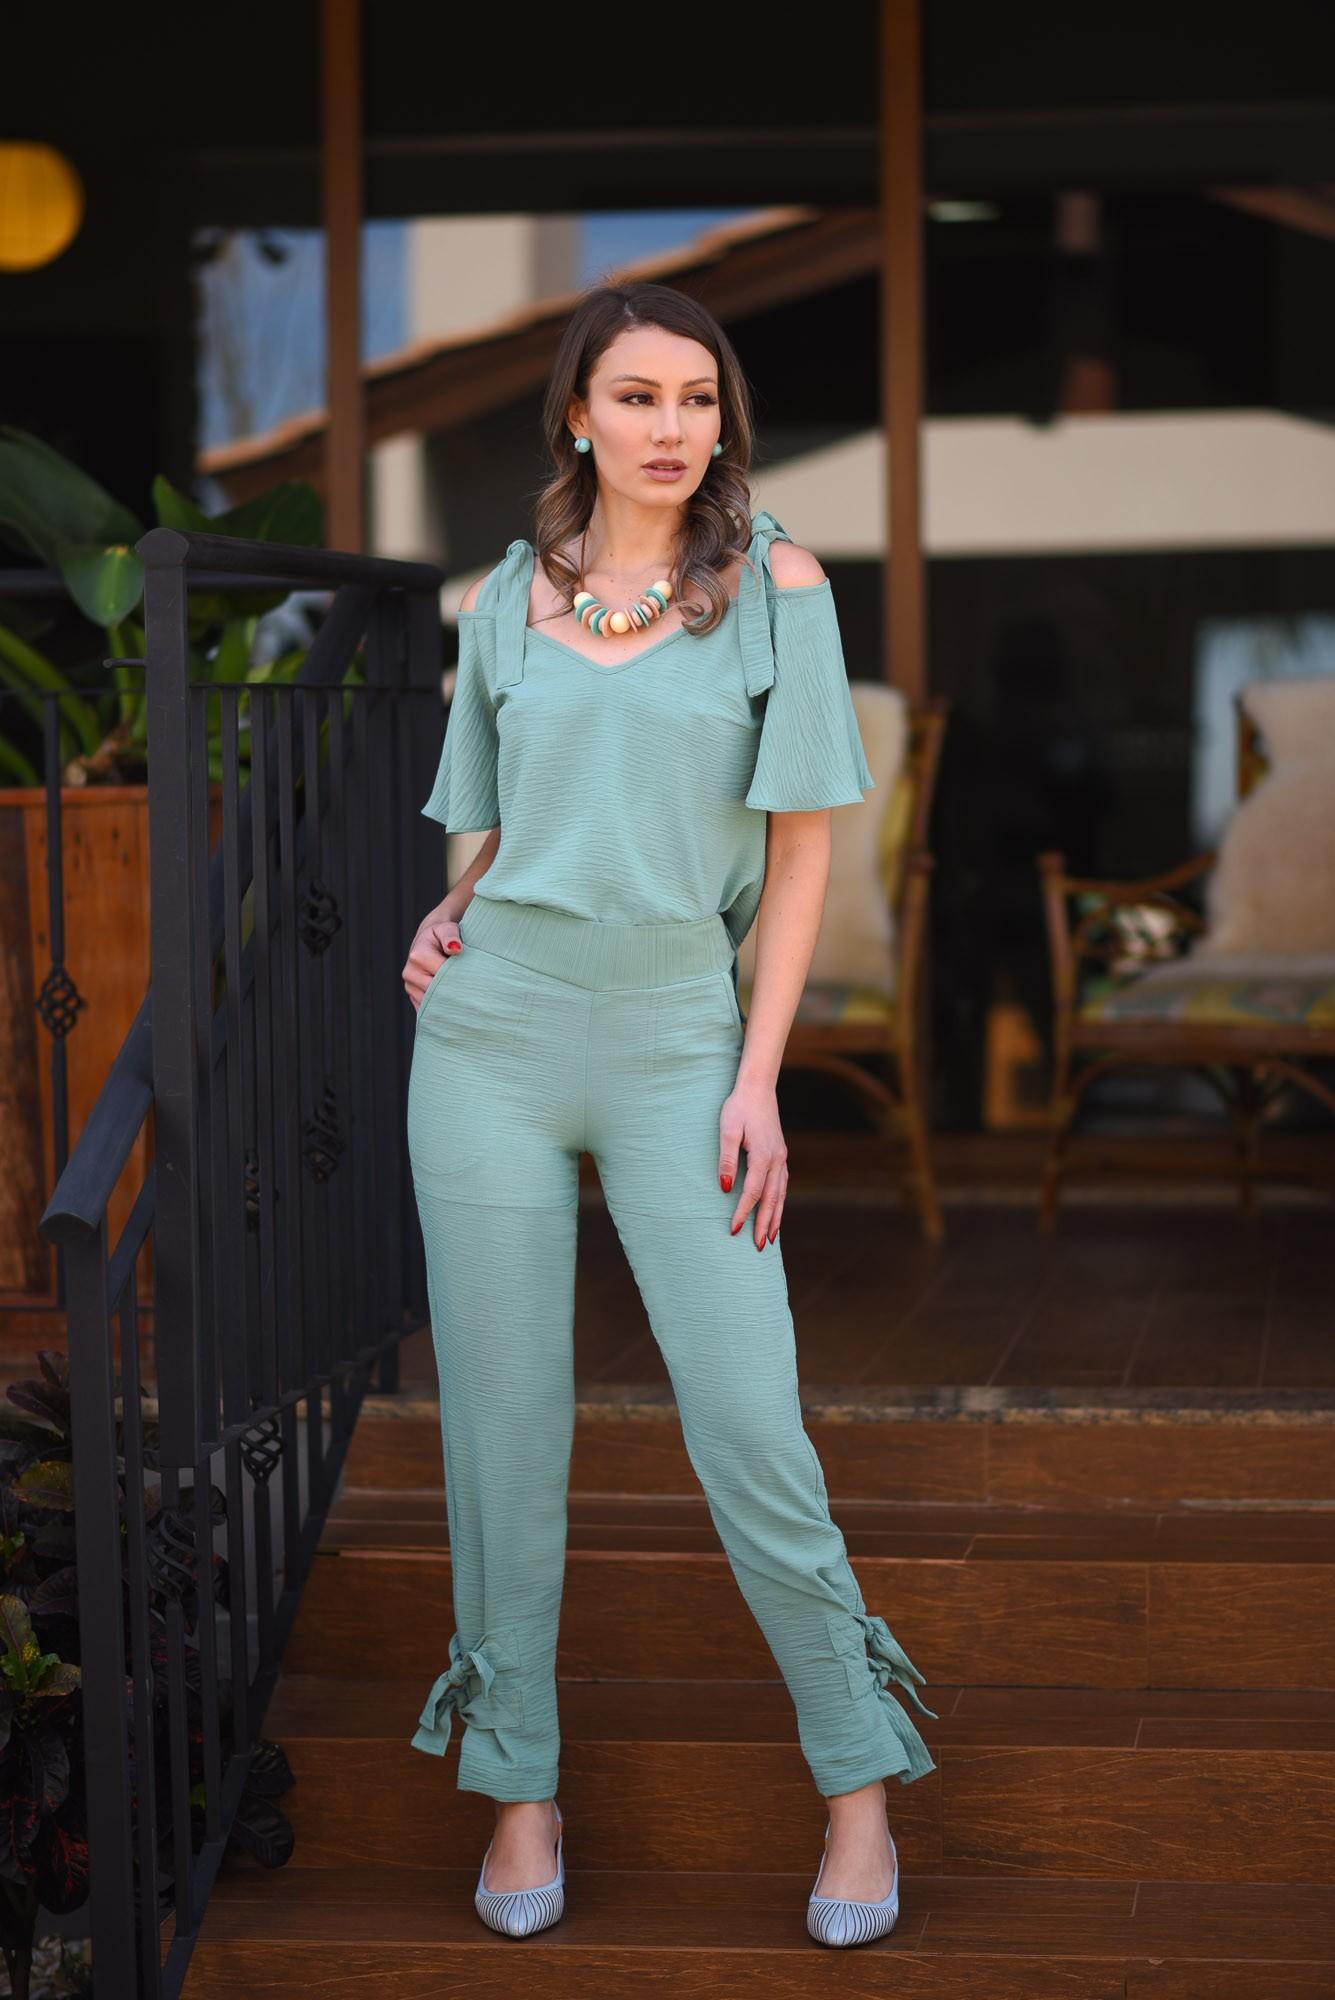 Conjunto calça e blusa com detalhes em amarração